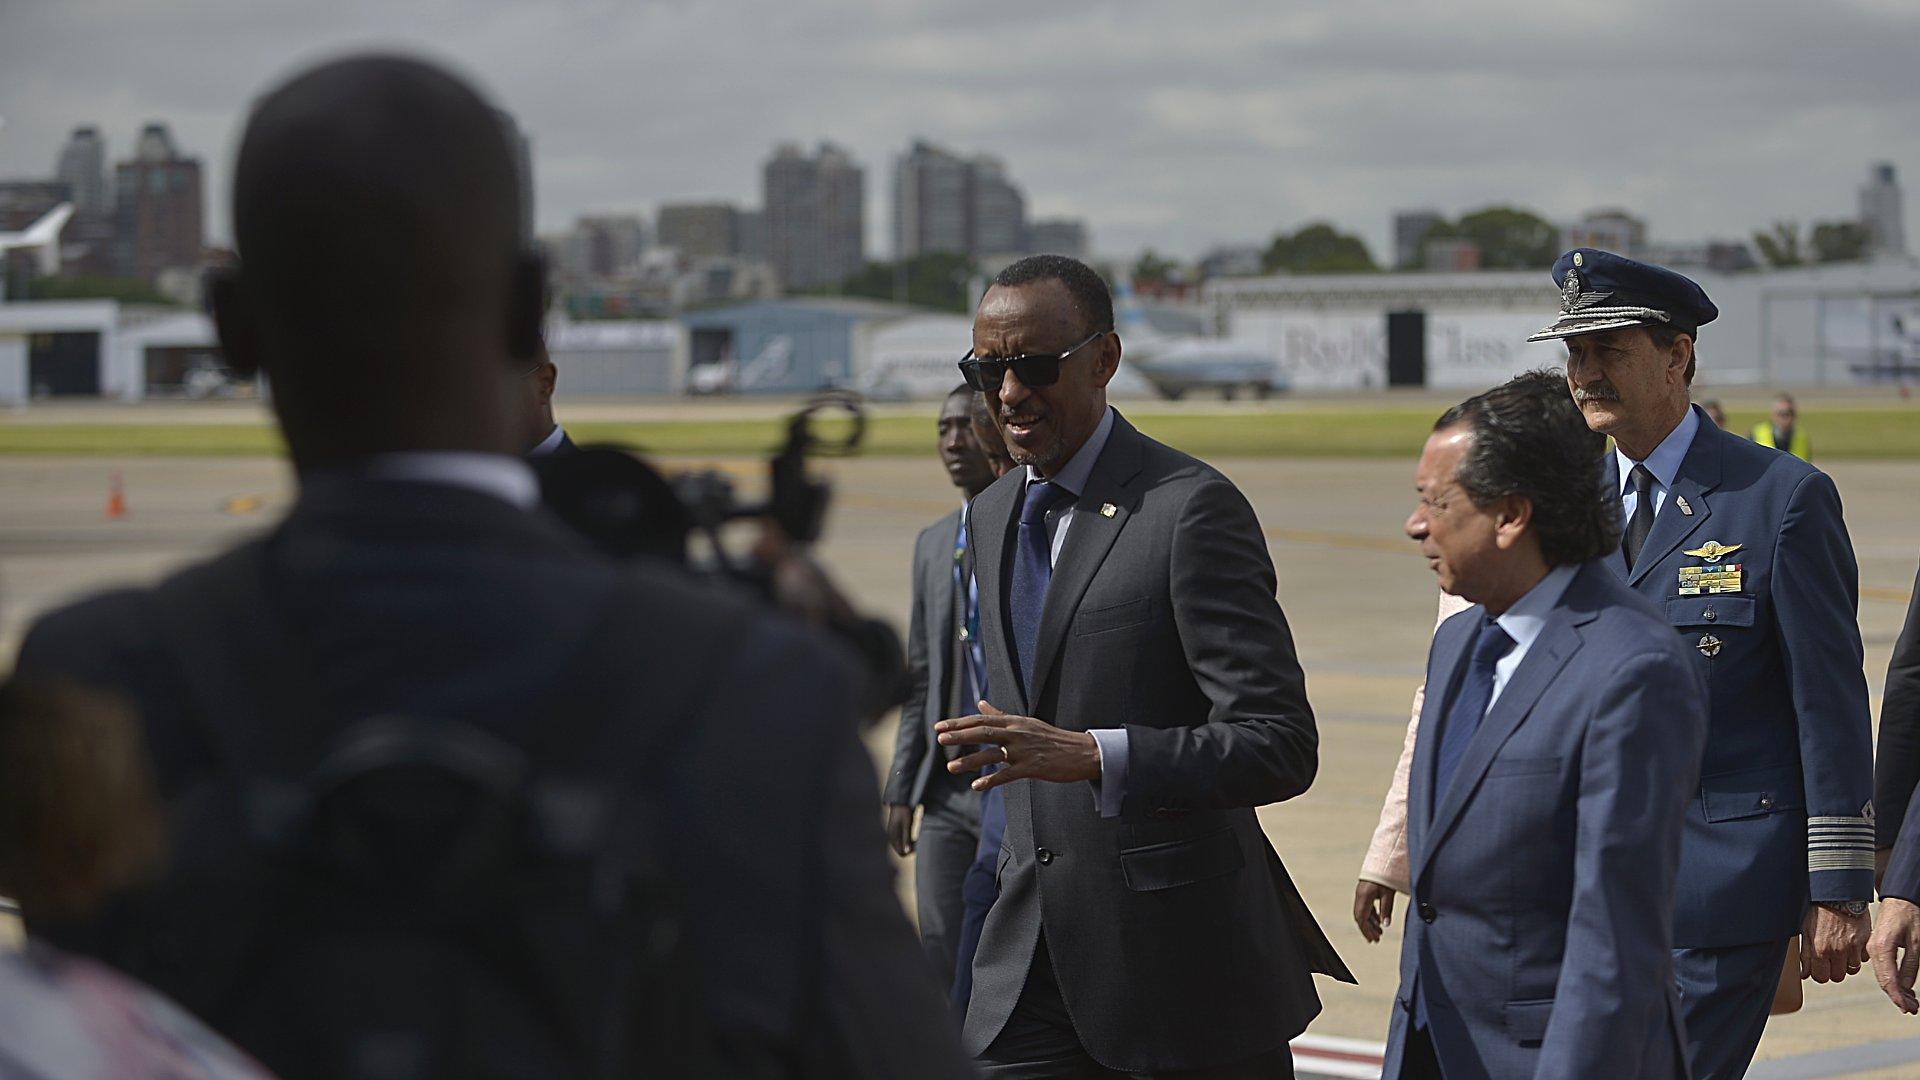 El presidente de Ruanda Paul Kagame fue recibido por Sica